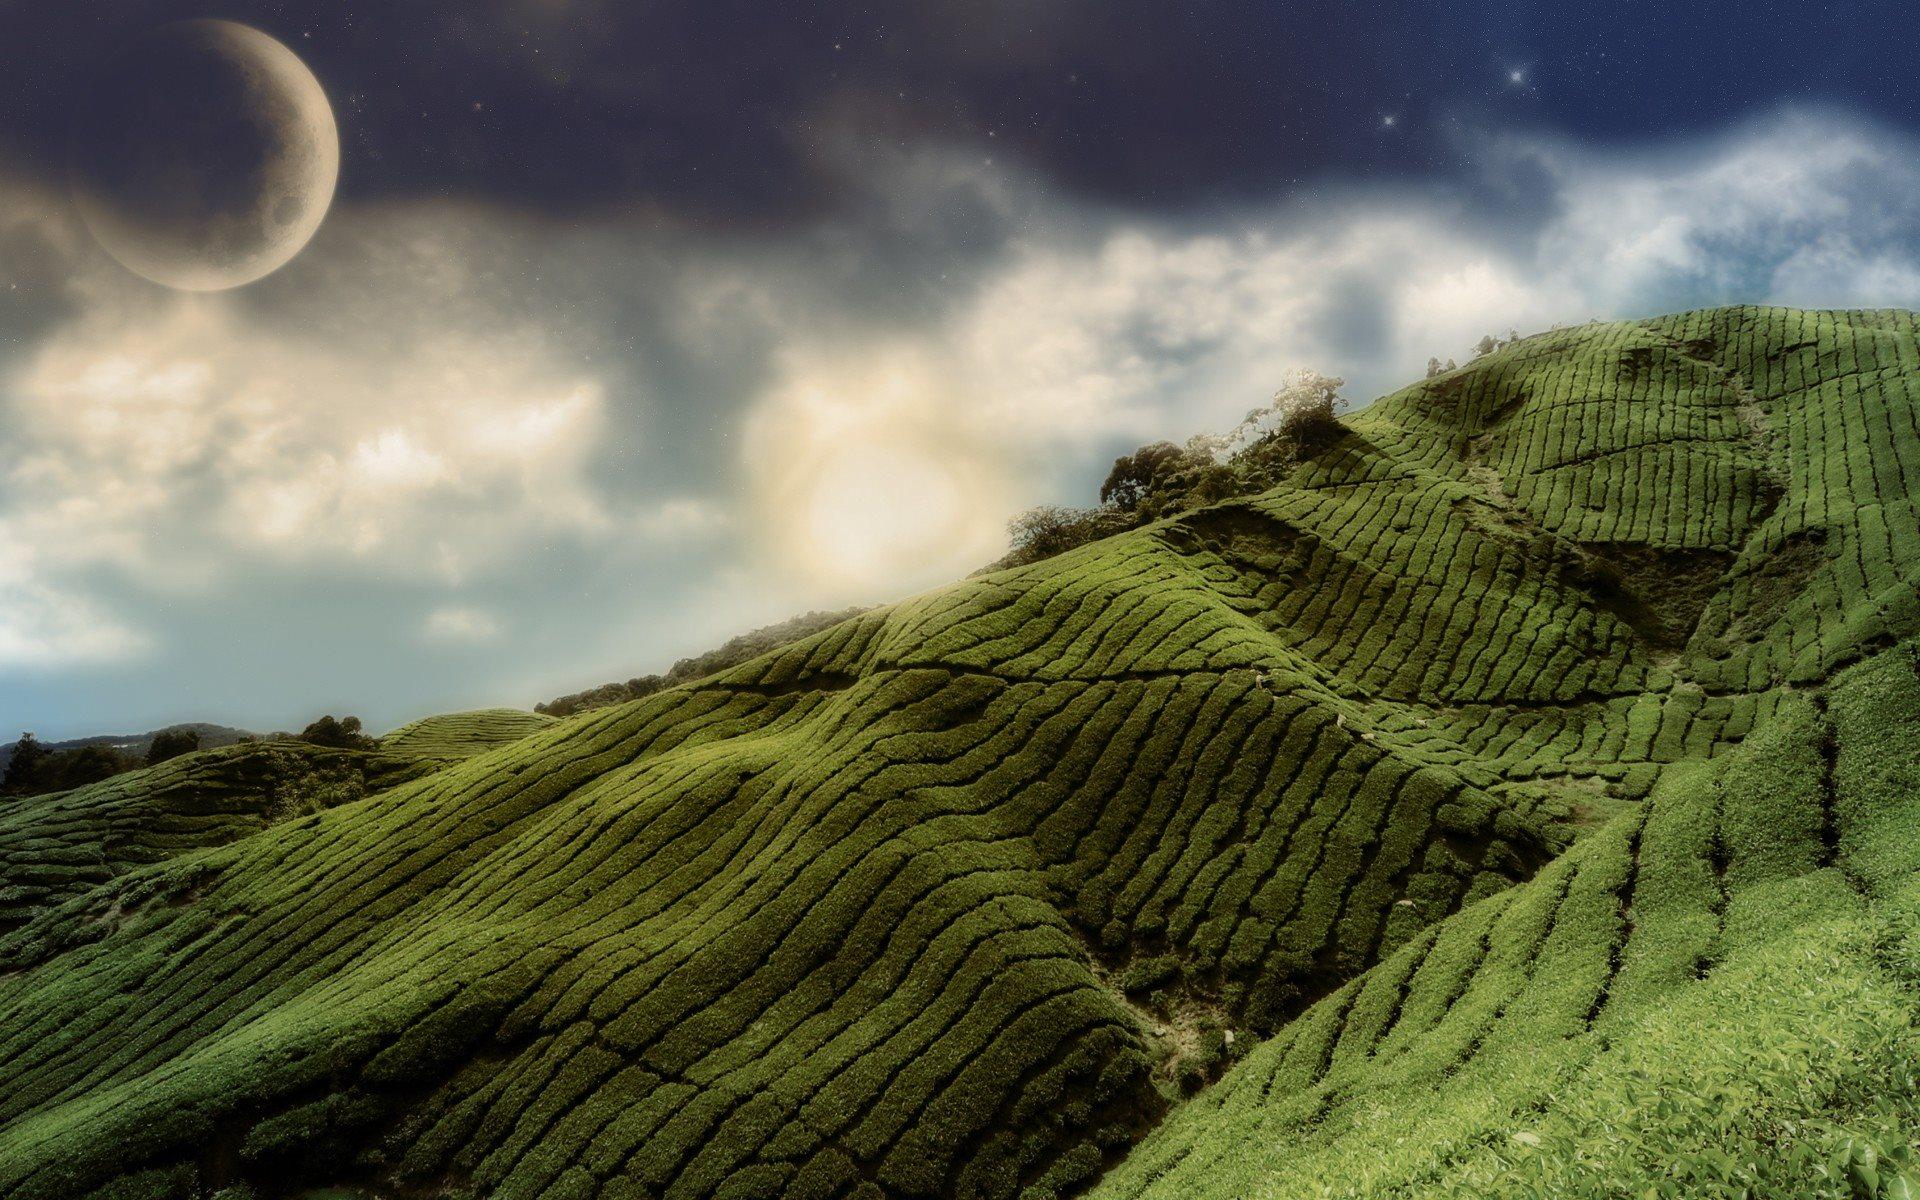 холмы плантации без смс